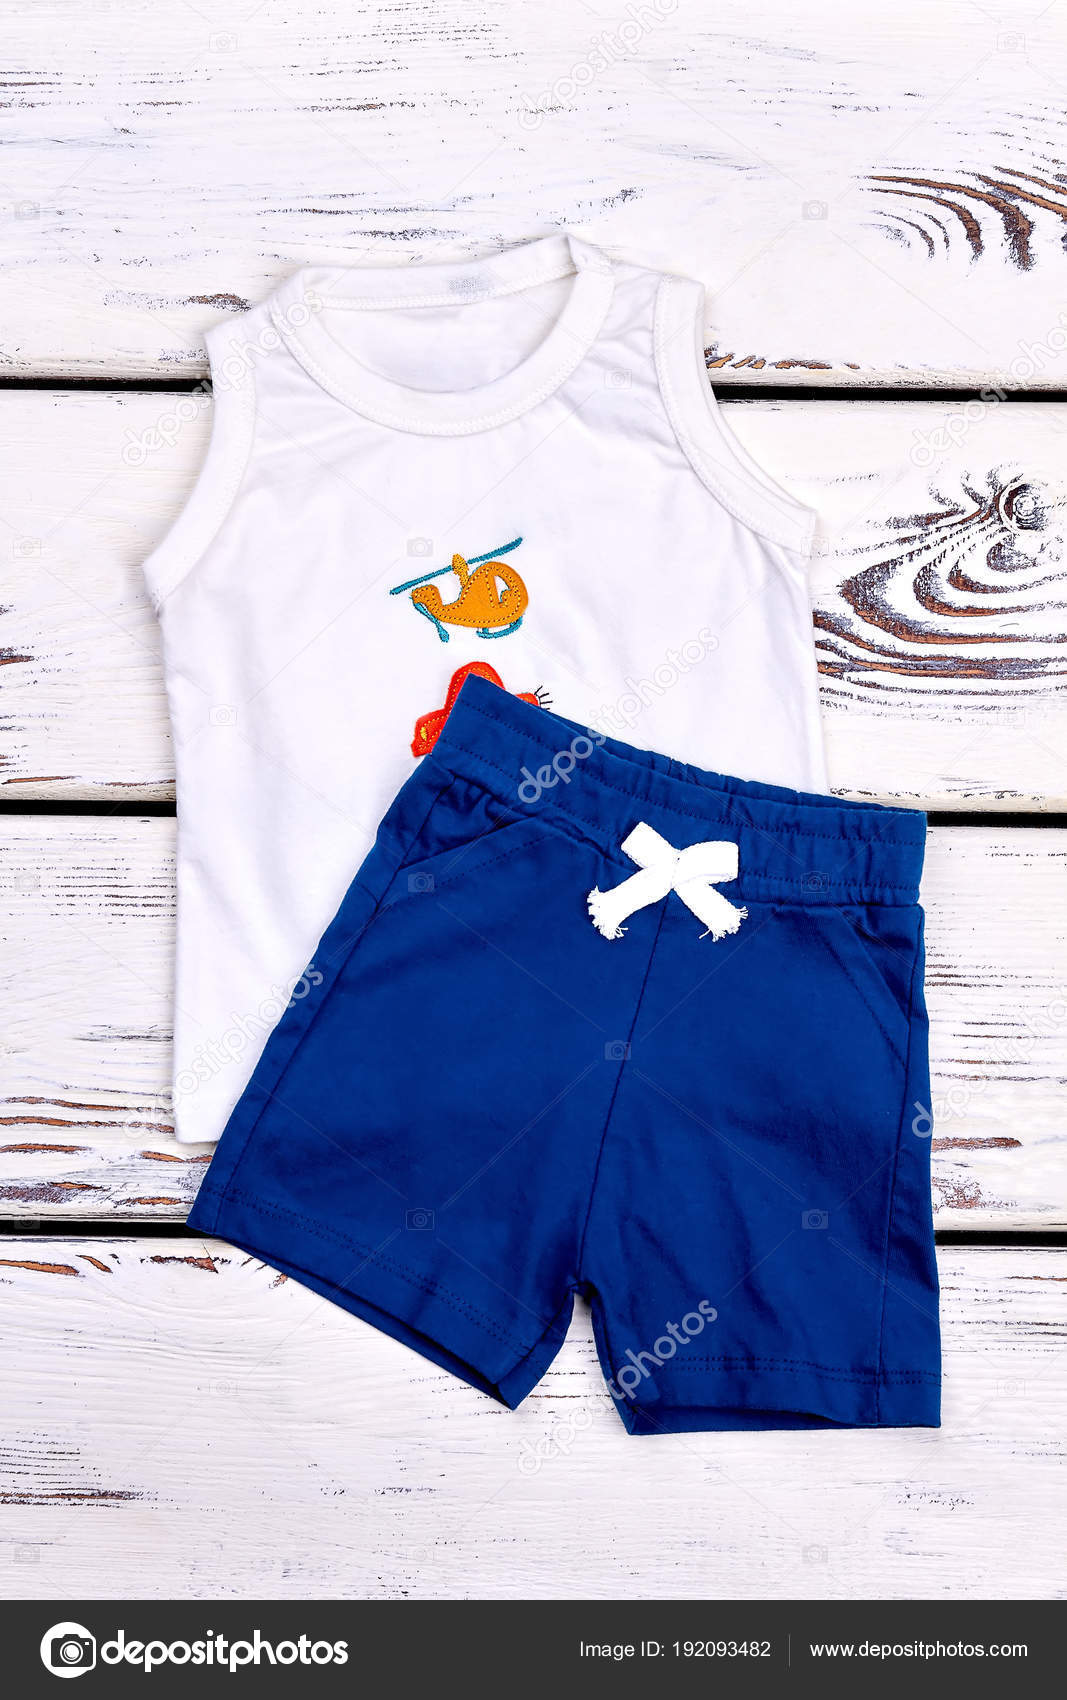 331dcbdf7 Roupas de verão bebê menino têxtil. Menino infantil branco sem mangas  desenhos animados camiseta azul